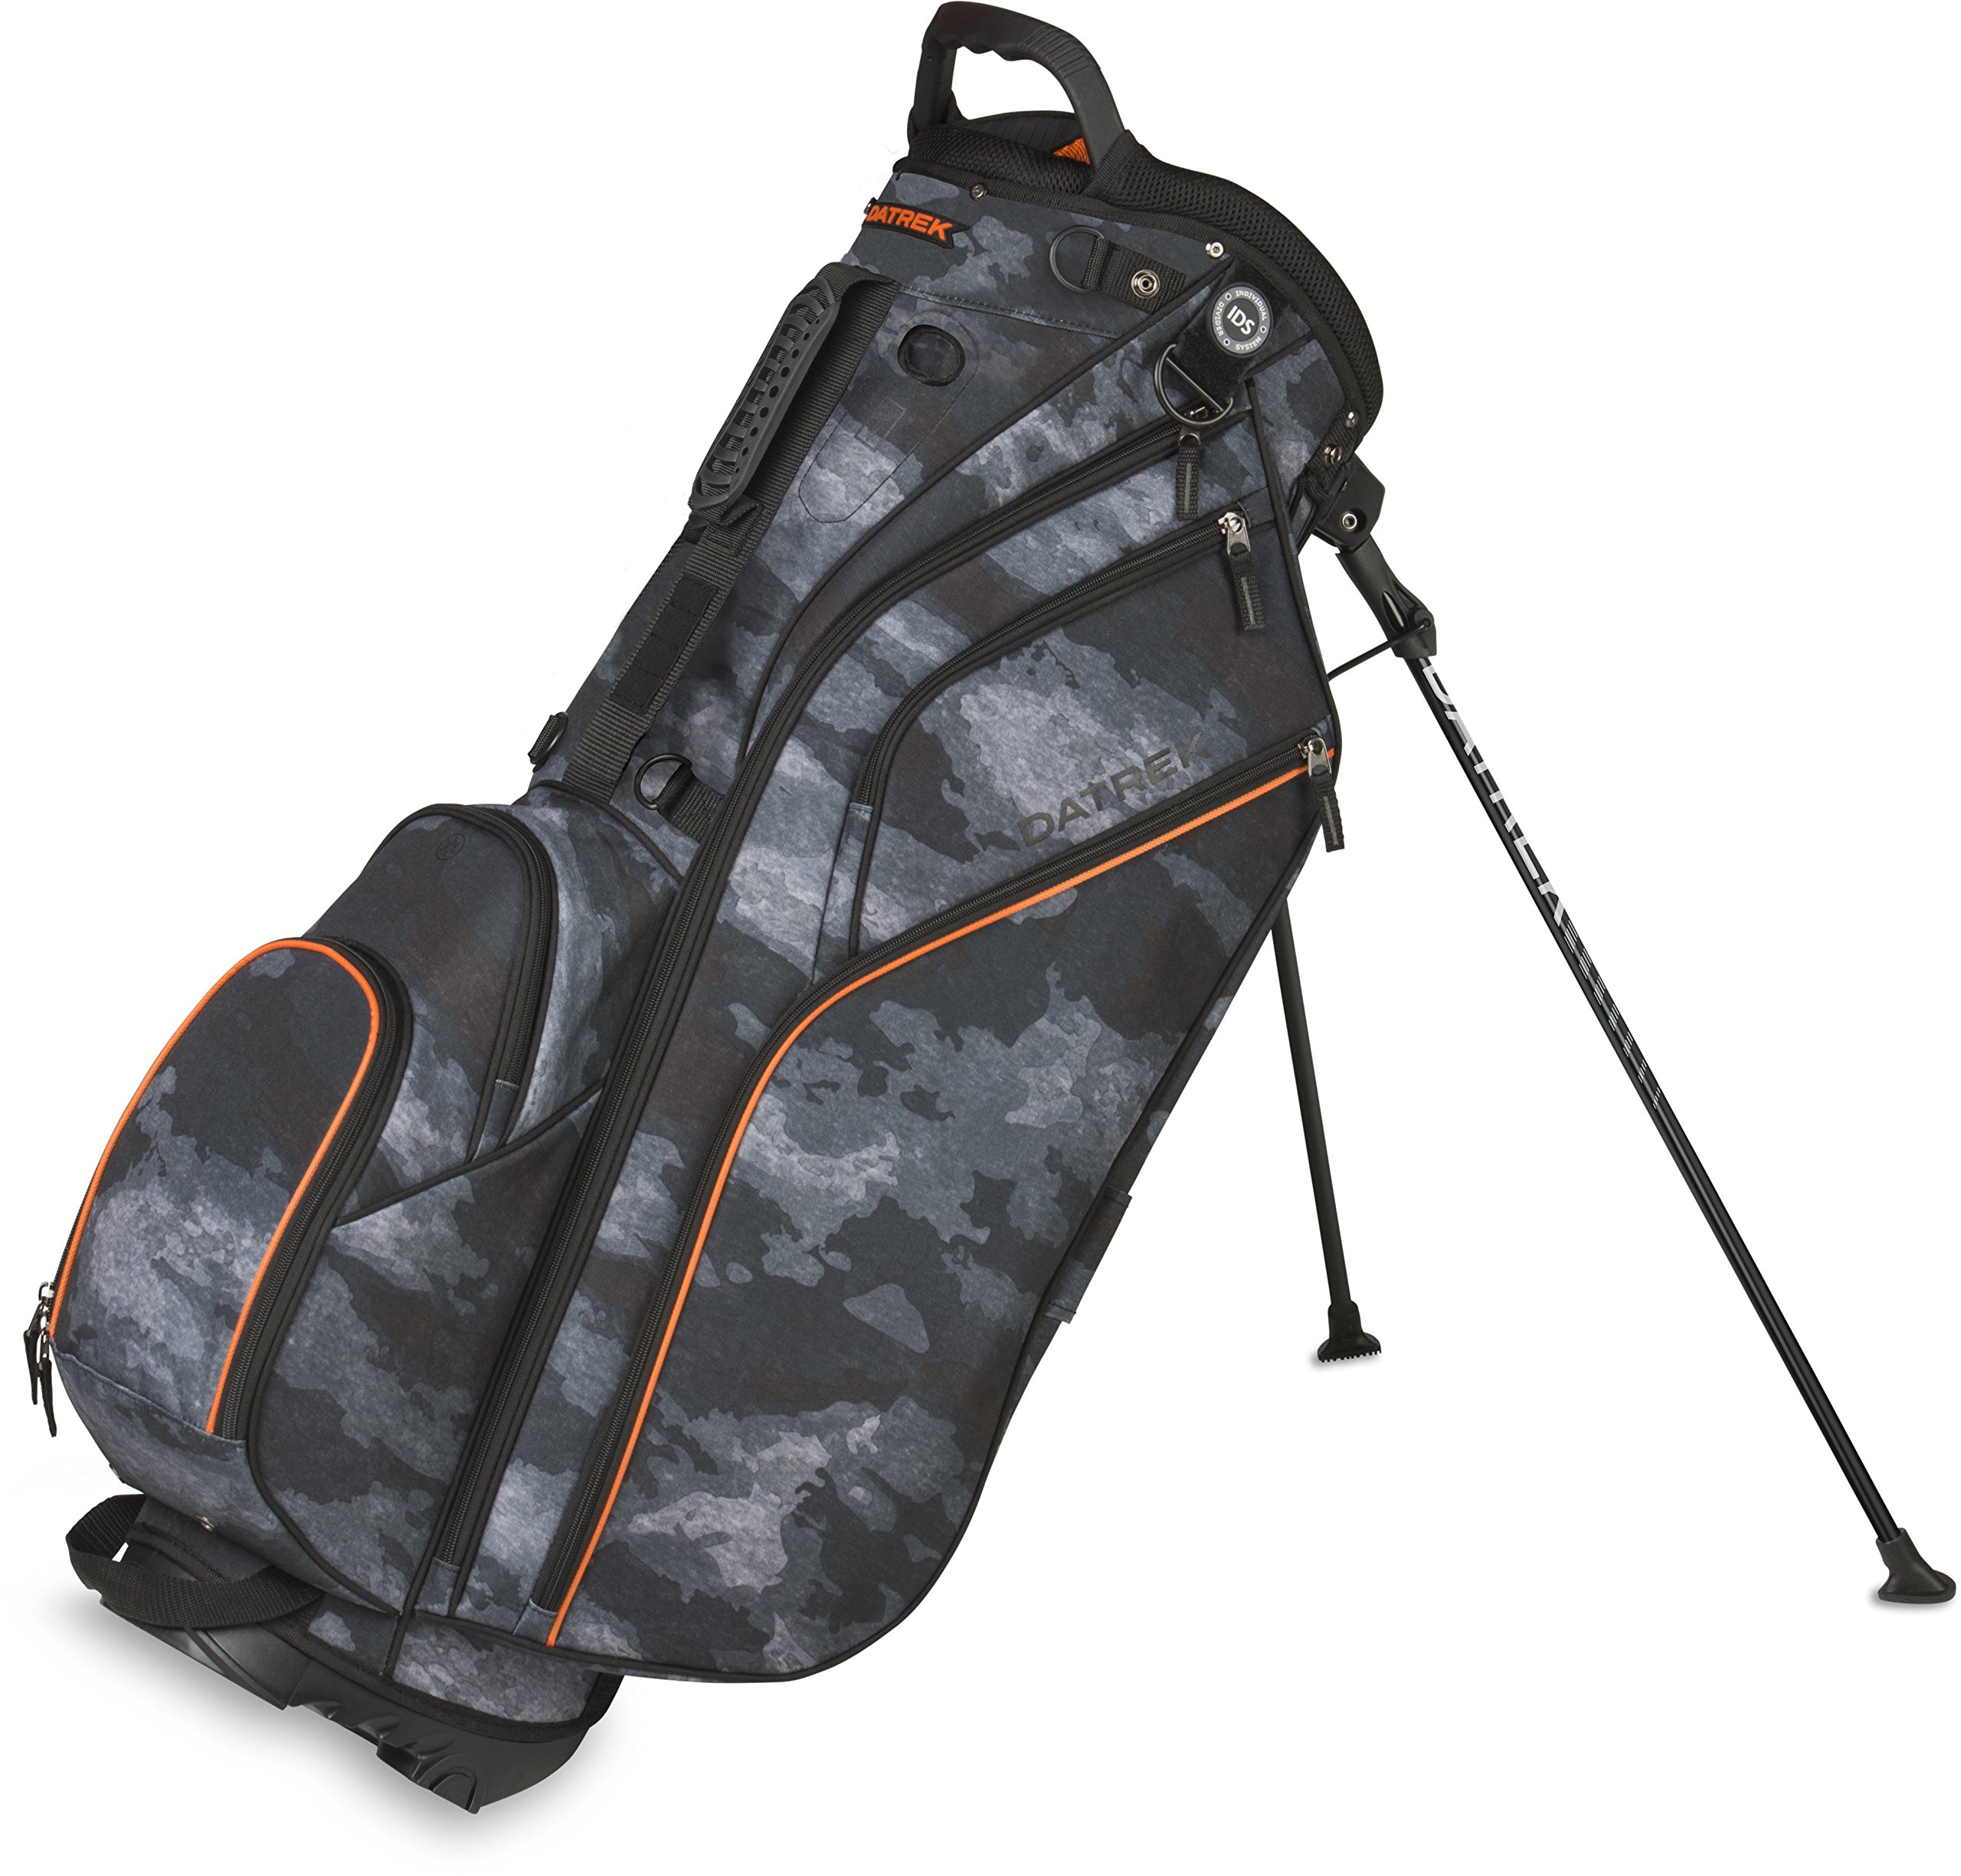 Datrek Golf Go Lite Hybrid Stand Bag (Urban Camo/Orange) by Datrek